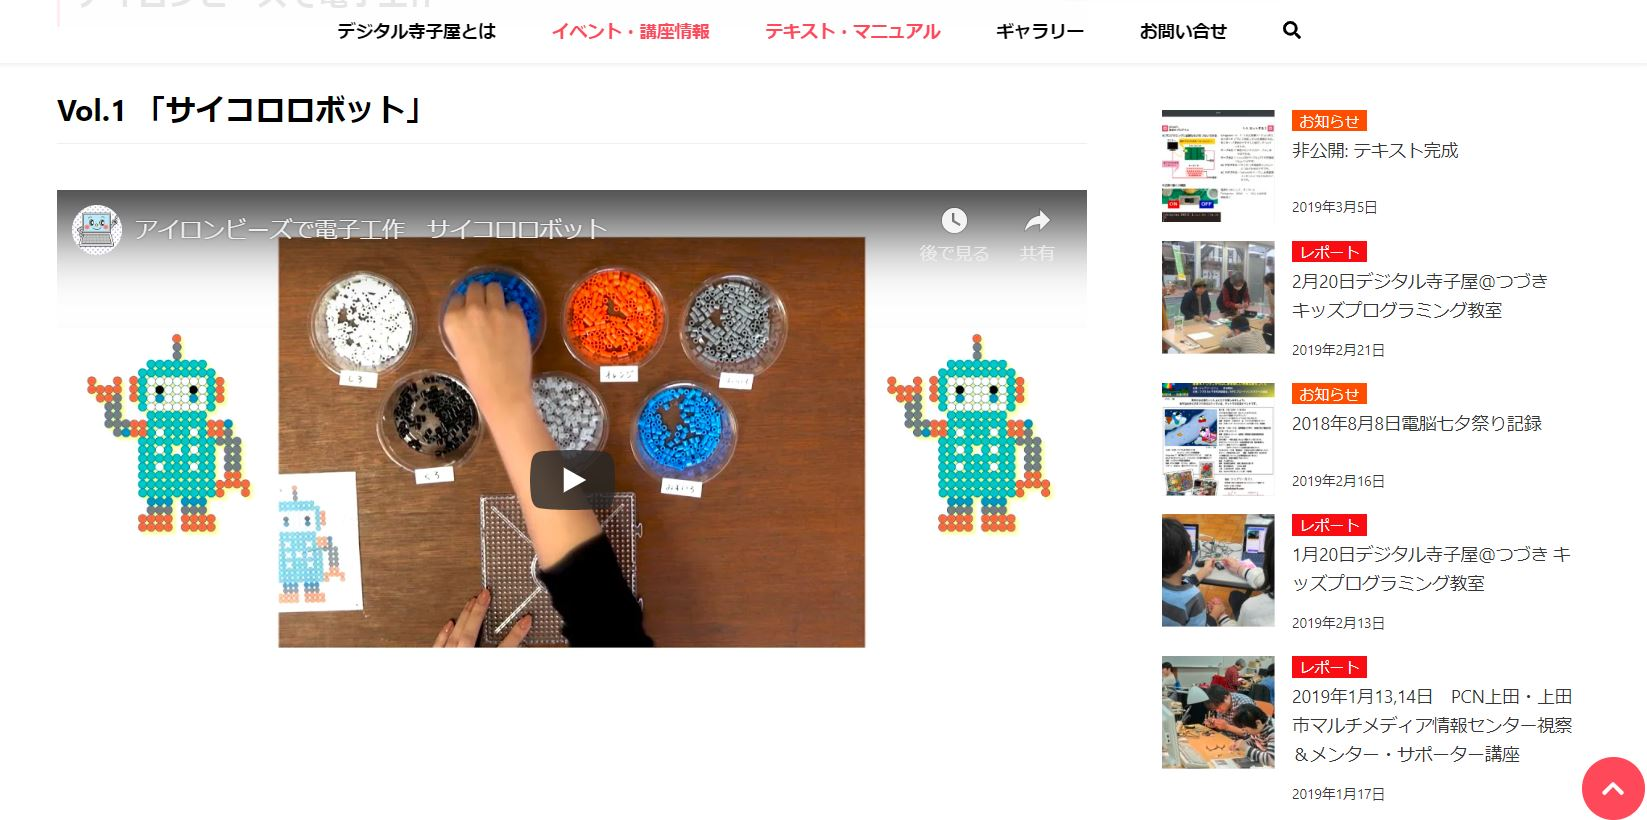 デジタル寺子屋@つづき アイロンビーズ電子工作